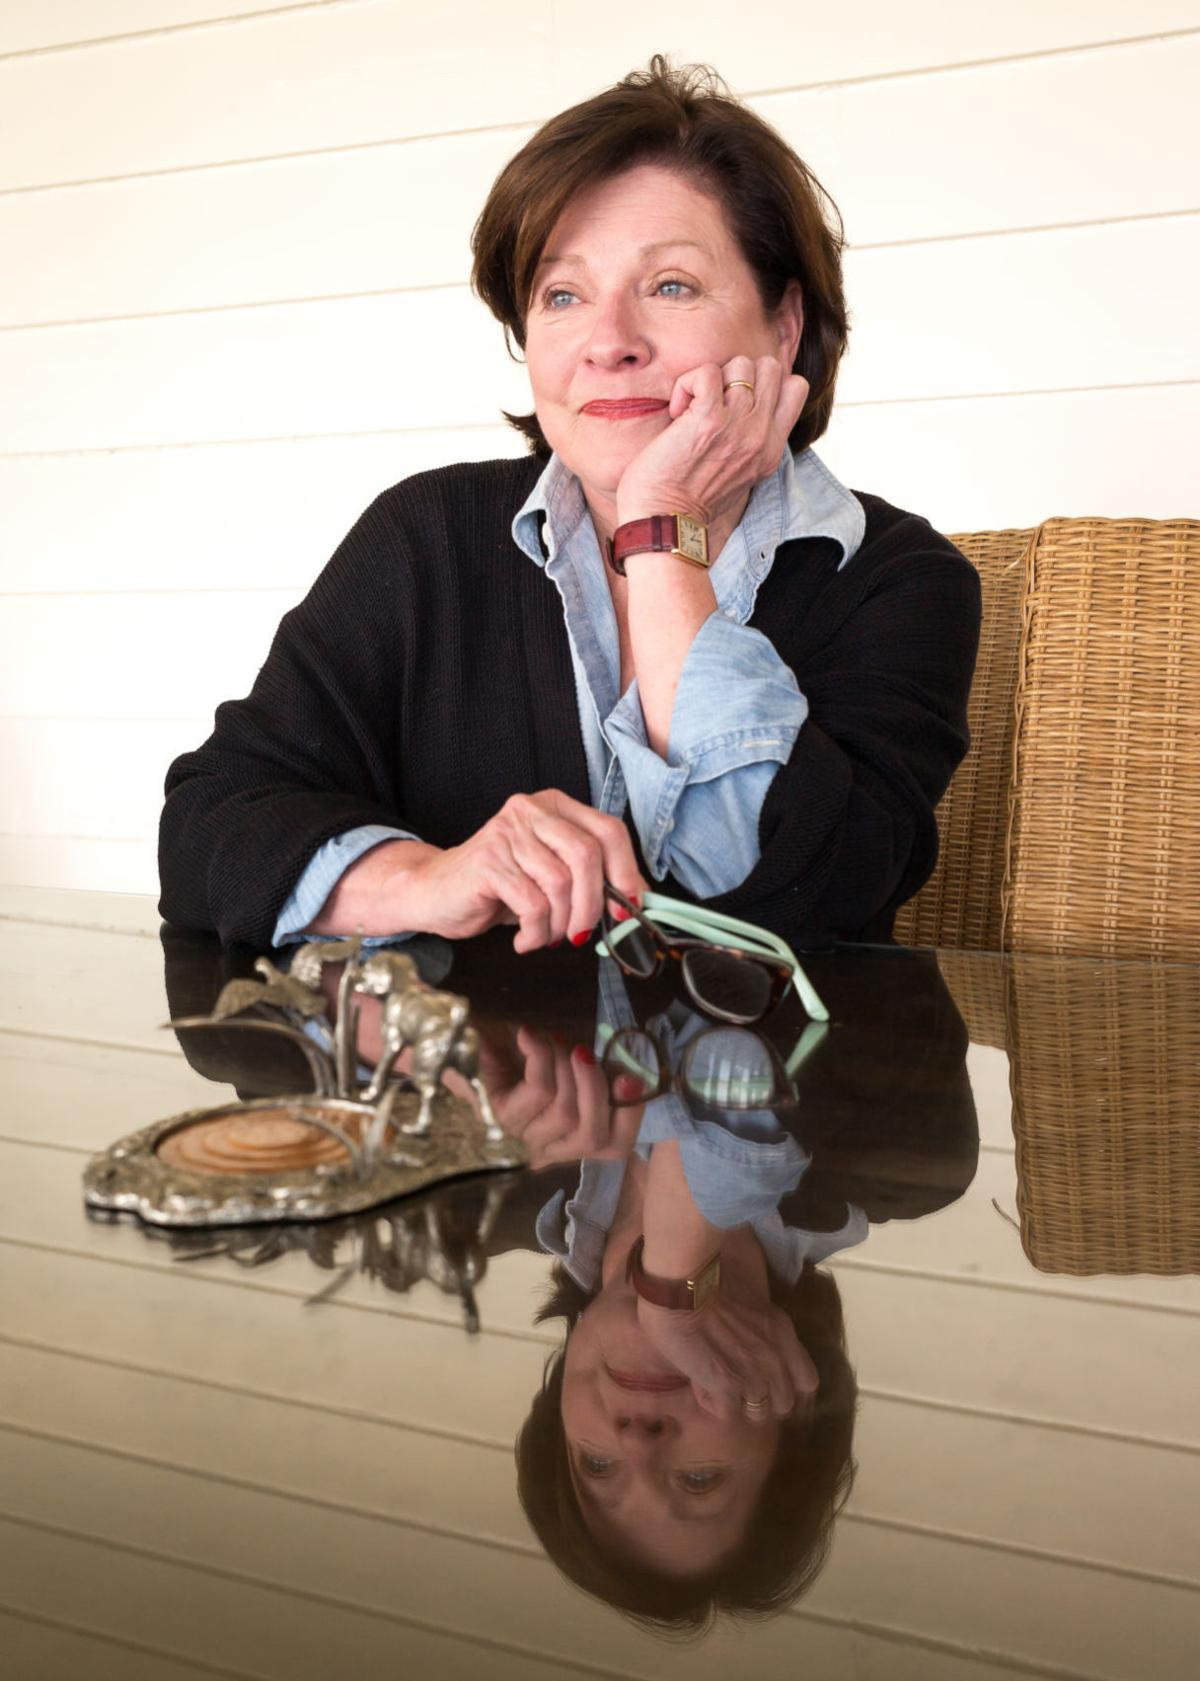 Dottie Frank new photo (copy)